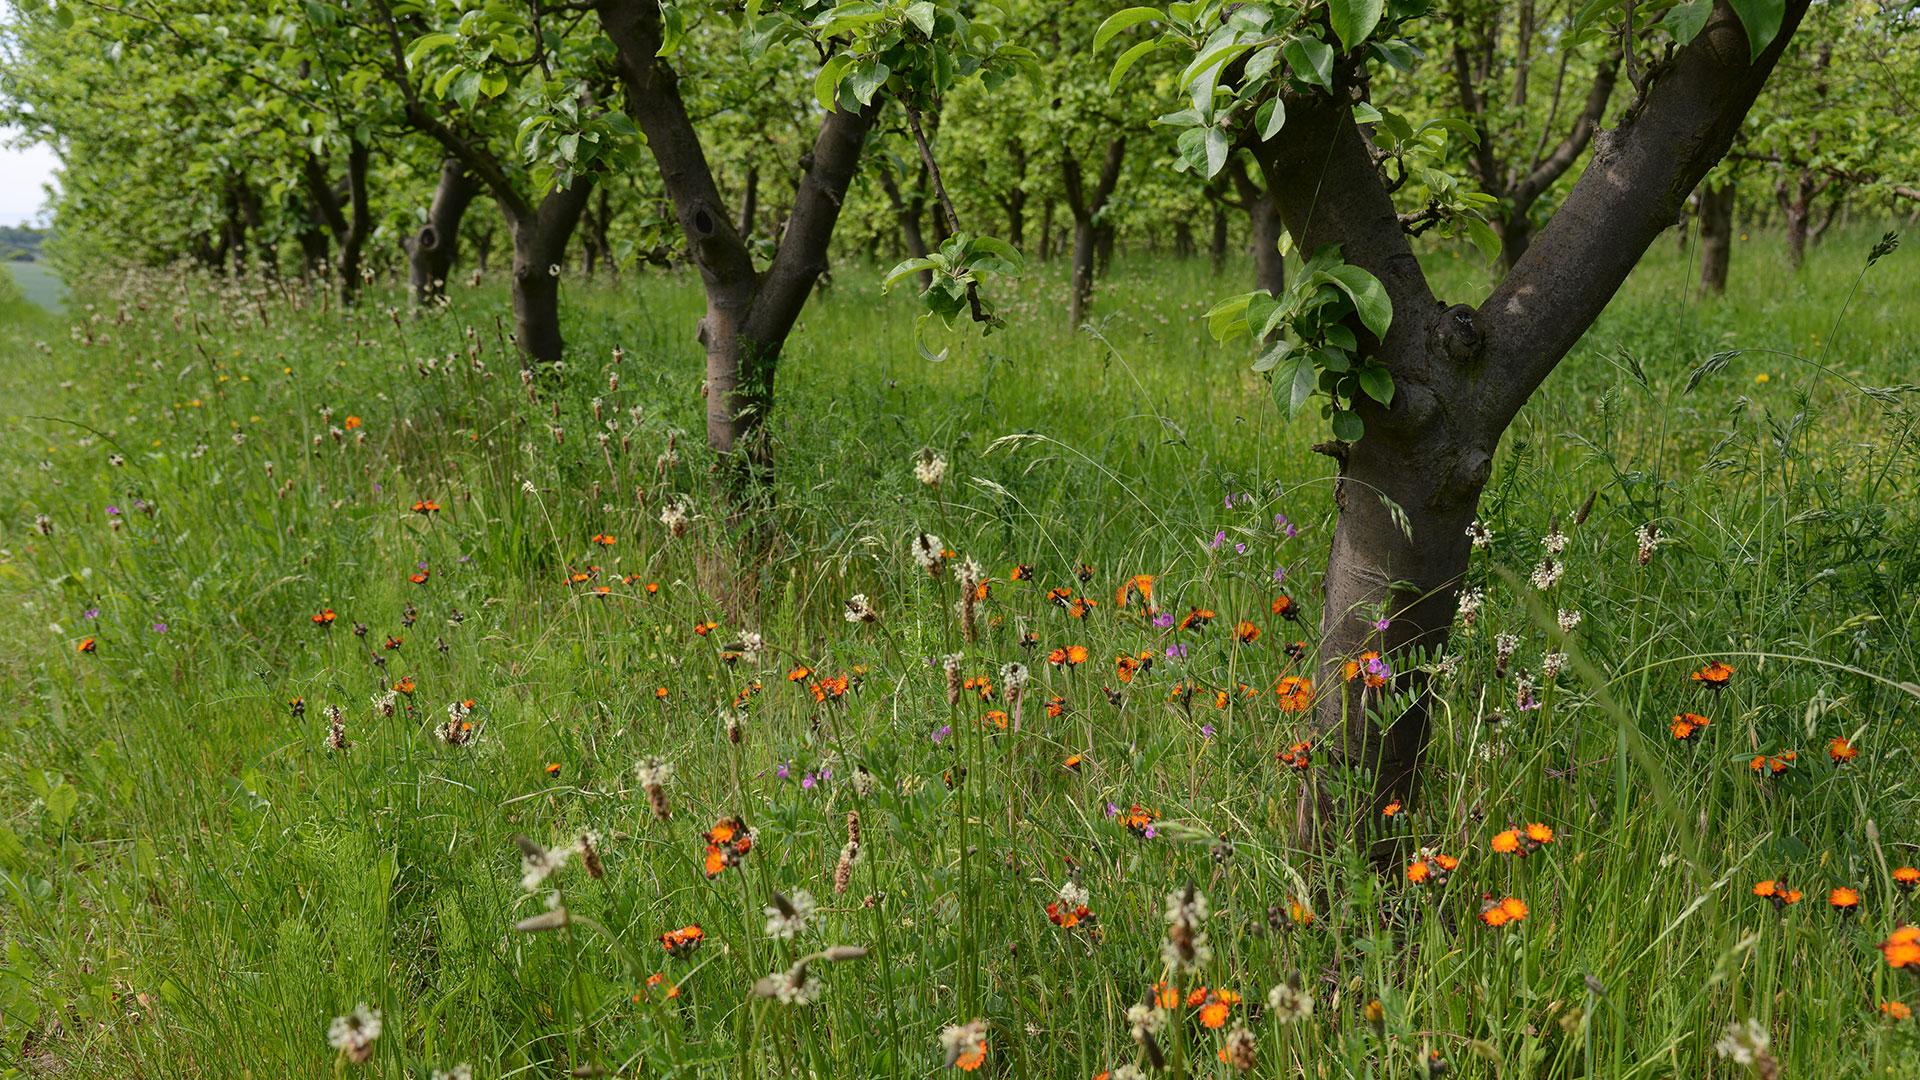 Landwirtschaft für Artenvielfalt: Obstbäume mit Blumen